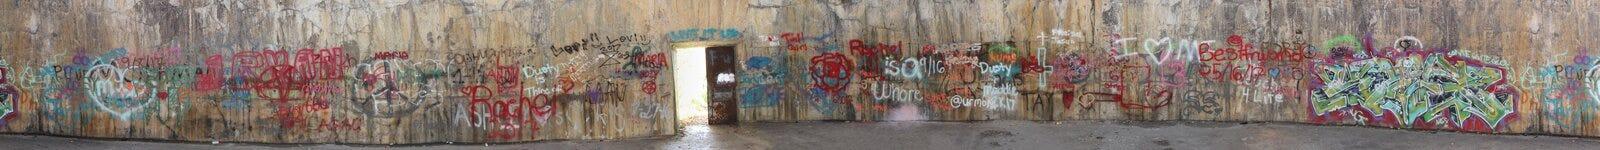 Panoramico dei graffiti sul muro di cemento Fotografia Stock Libera da Diritti